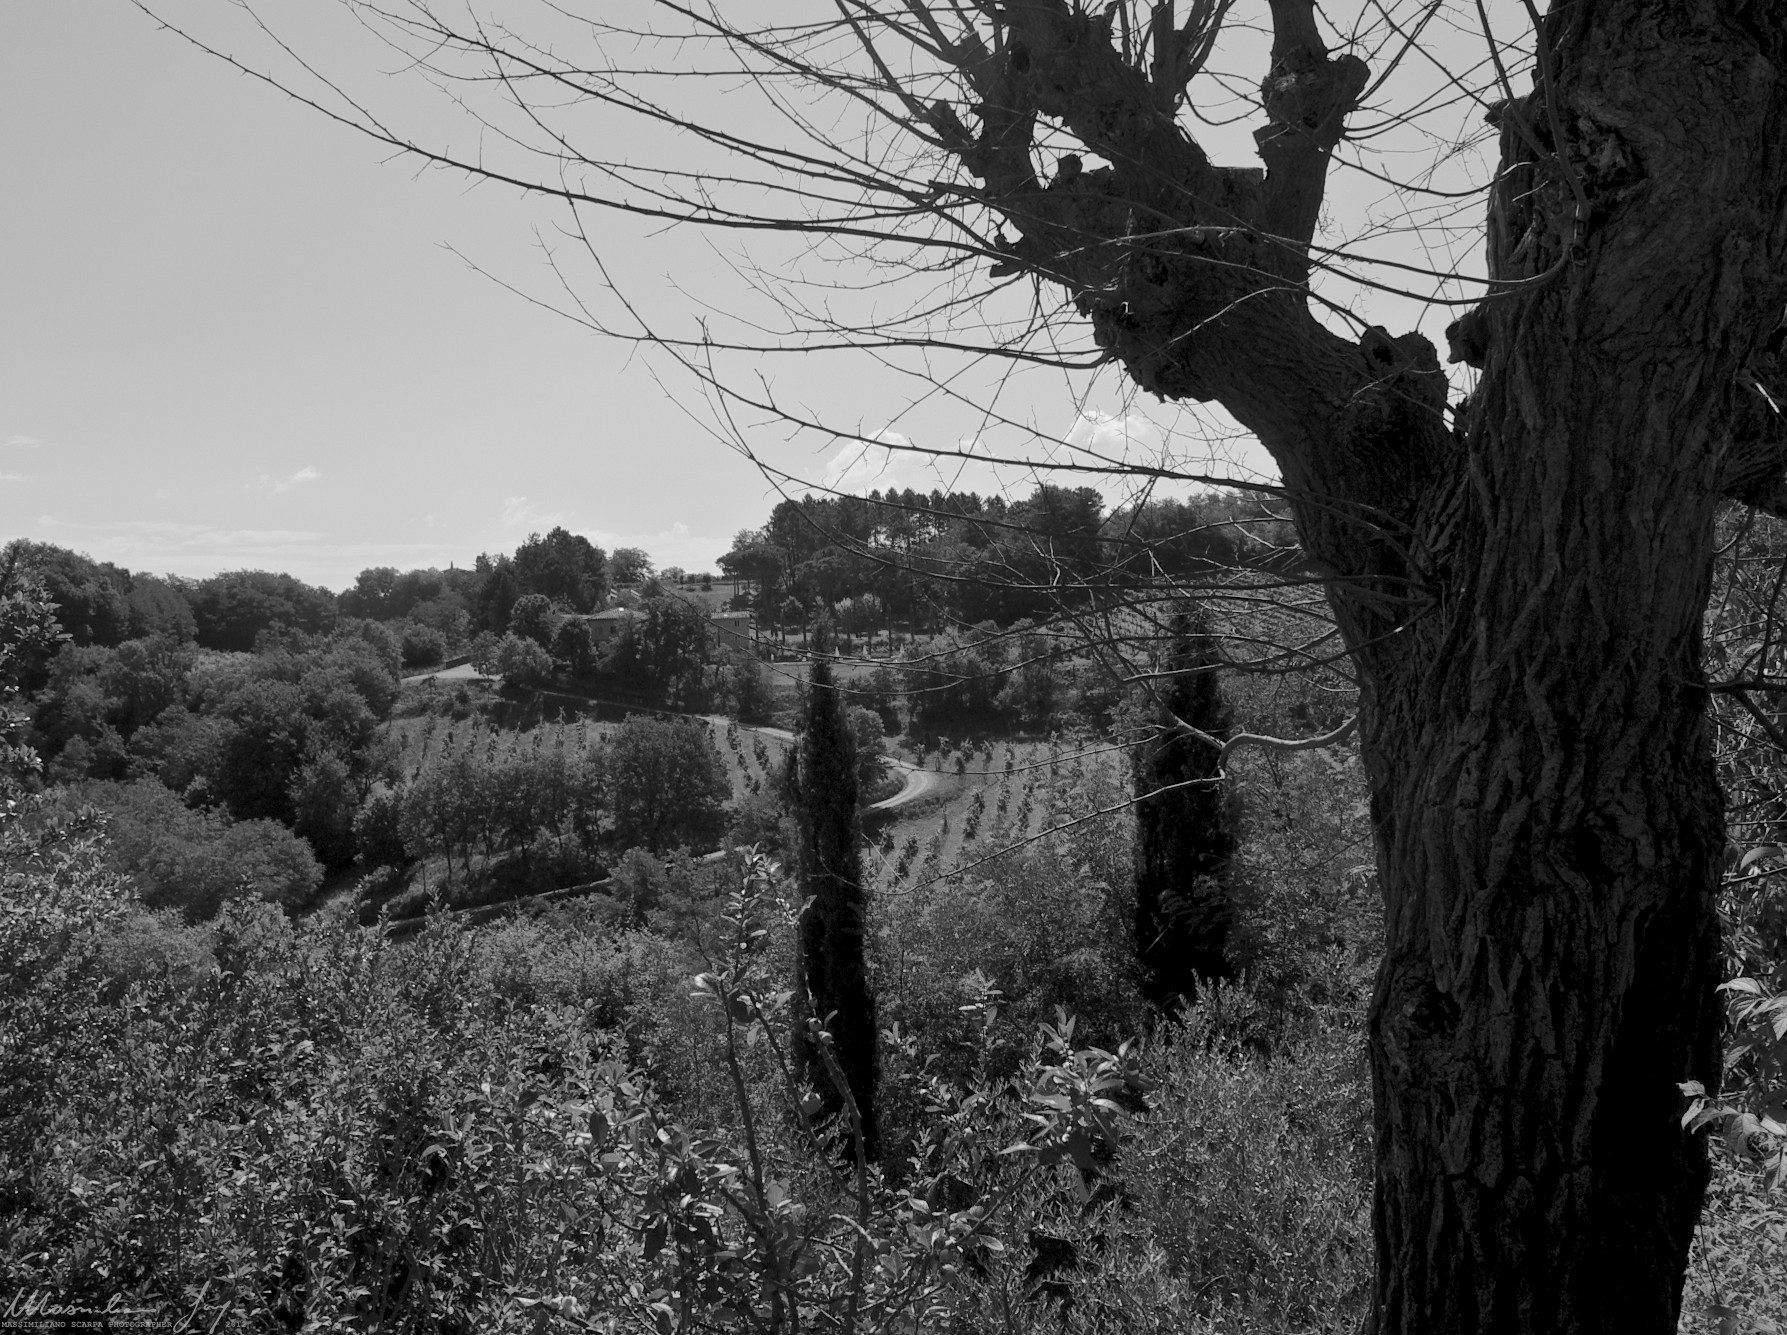 Montevarchi Caposelvi Massimiliano Scarpa Photography